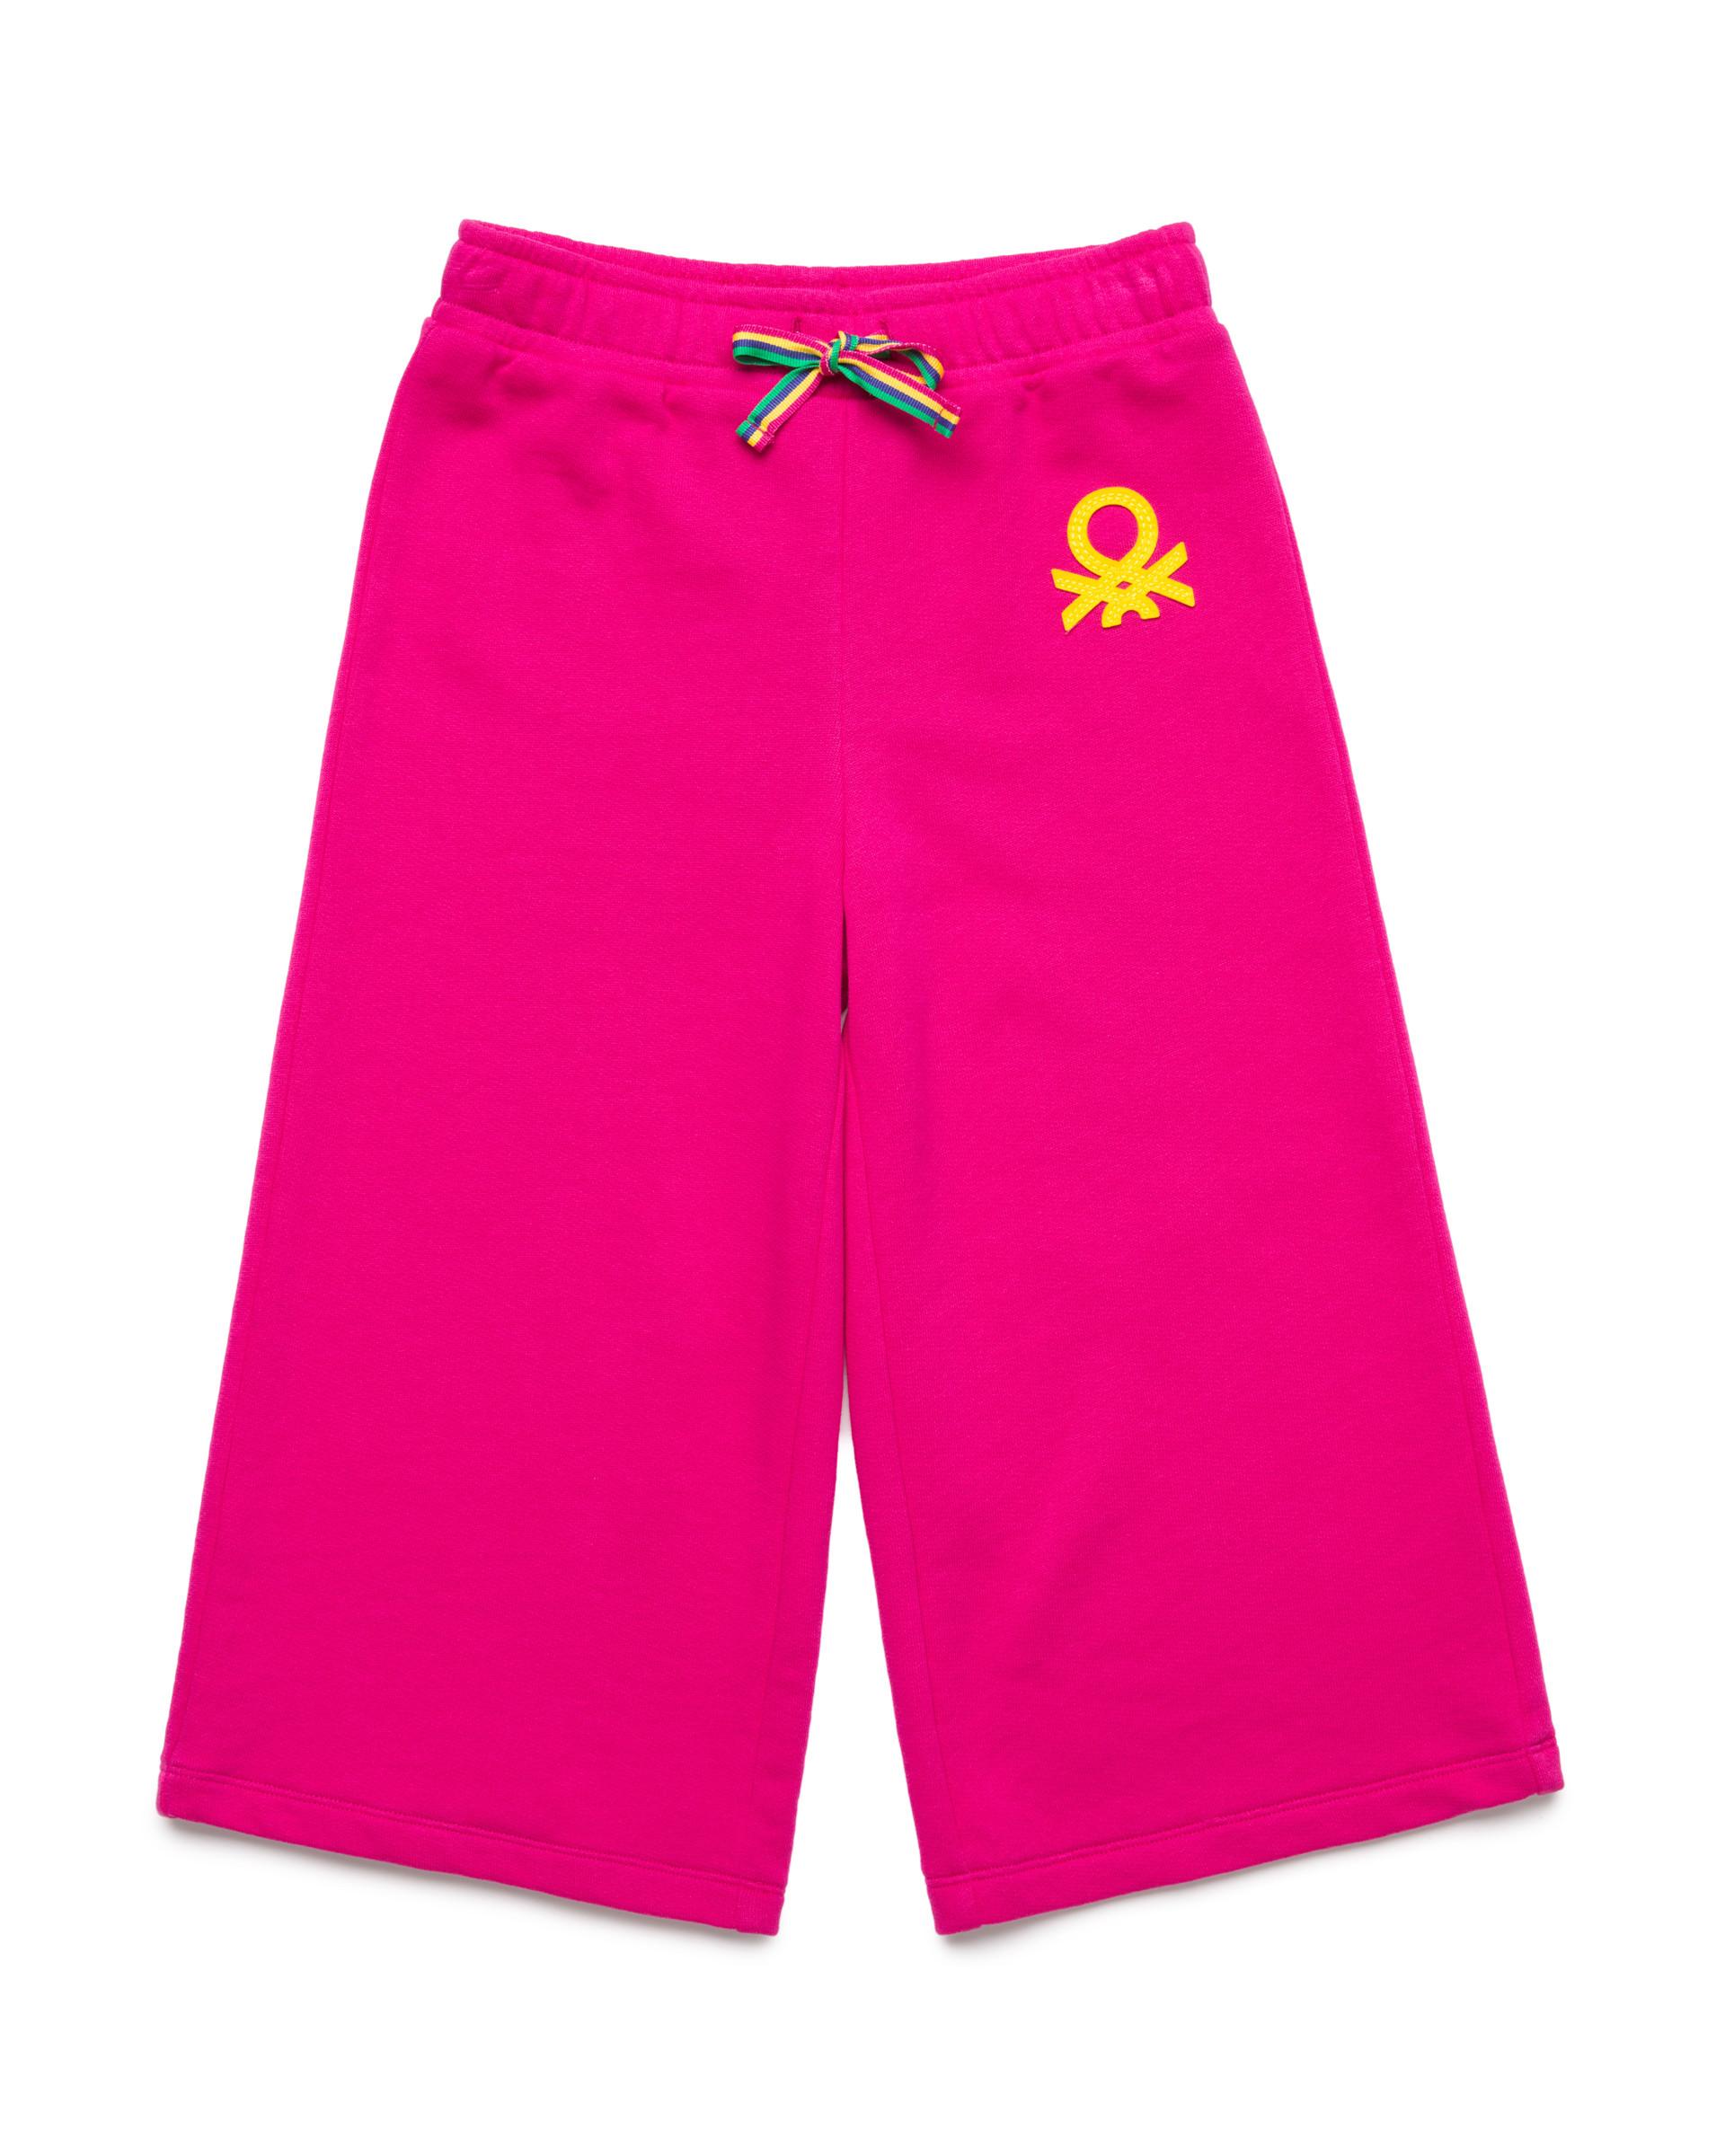 Купить 20P_3J68I0982_2L3, Спортивные брюки-кюлоты 3/4 для девочек Benetton 3J68I0982_2L3 р-р 92, United Colors of Benetton, Шорты и брюки для новорожденных